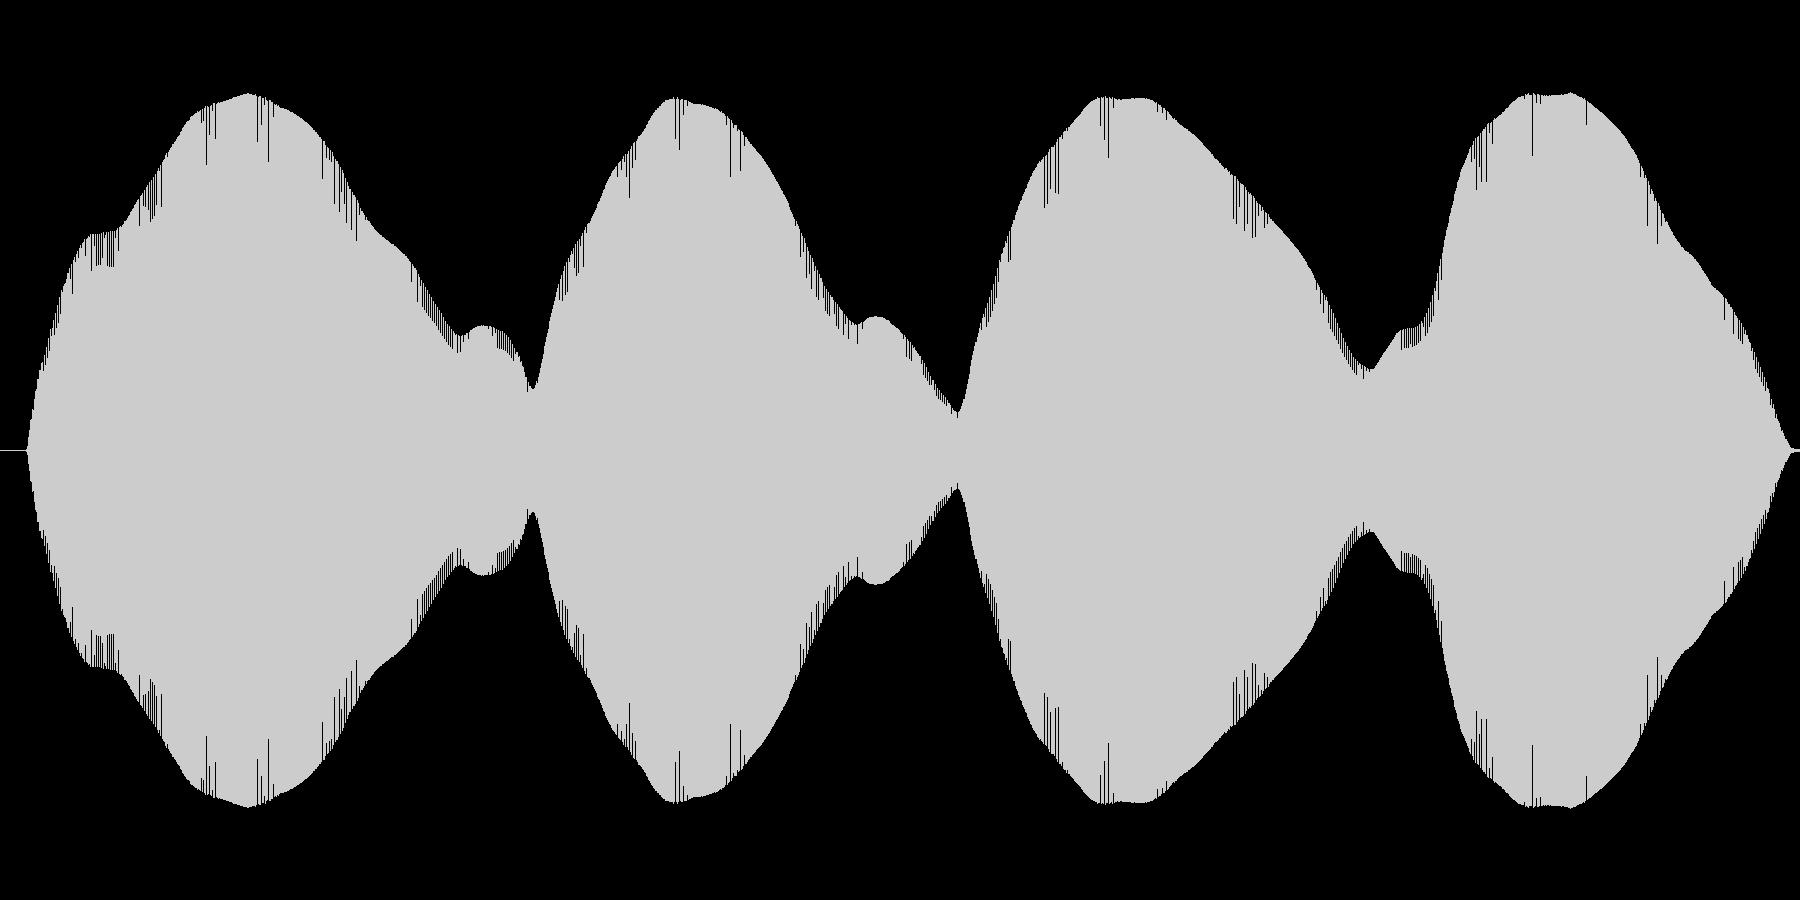 ウワーンウワンワンワン( 間違い!)の未再生の波形